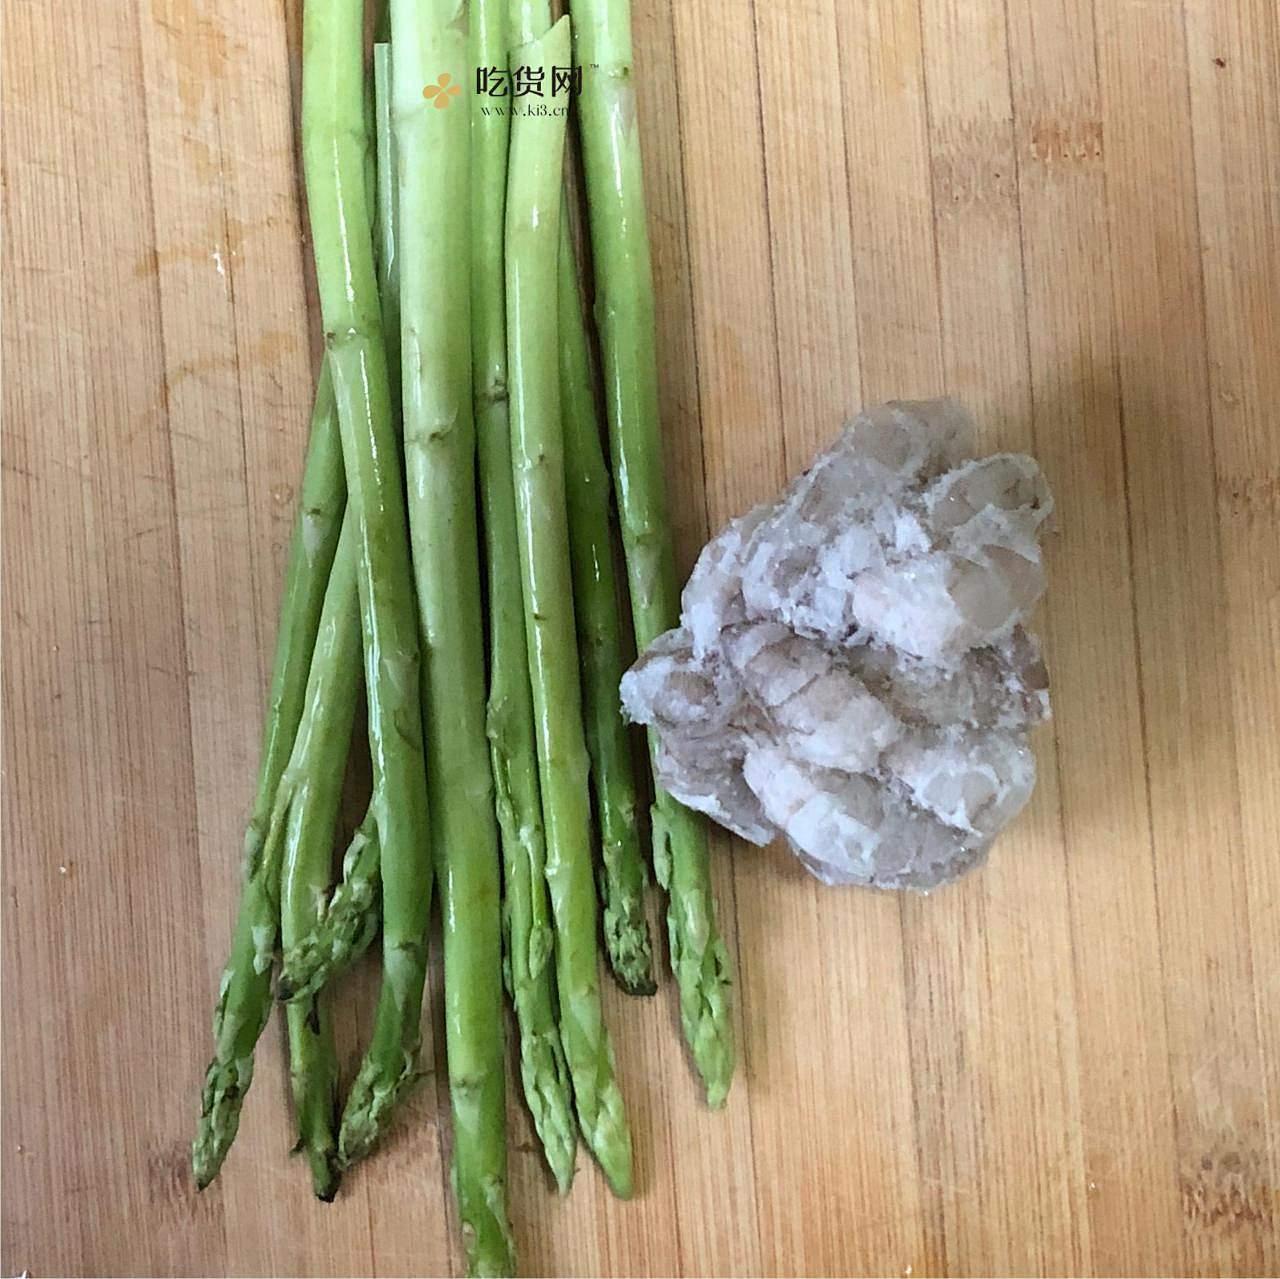 懒人的低油低盐减肥餐7之芦笋虾仁的做法 步骤1